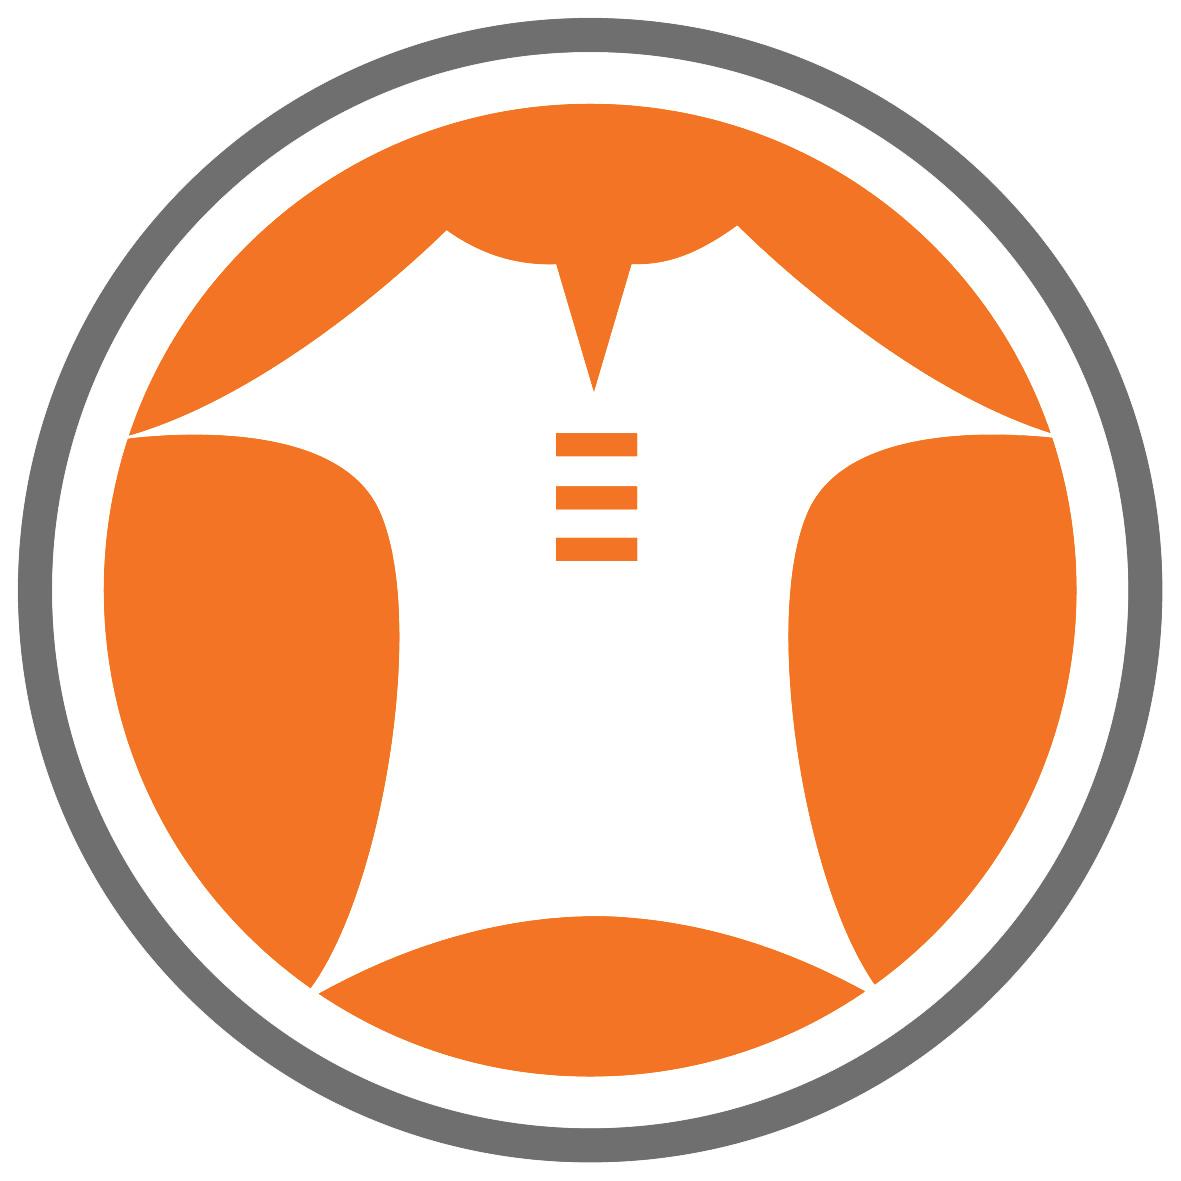 fernhill_clothing copy.jpg